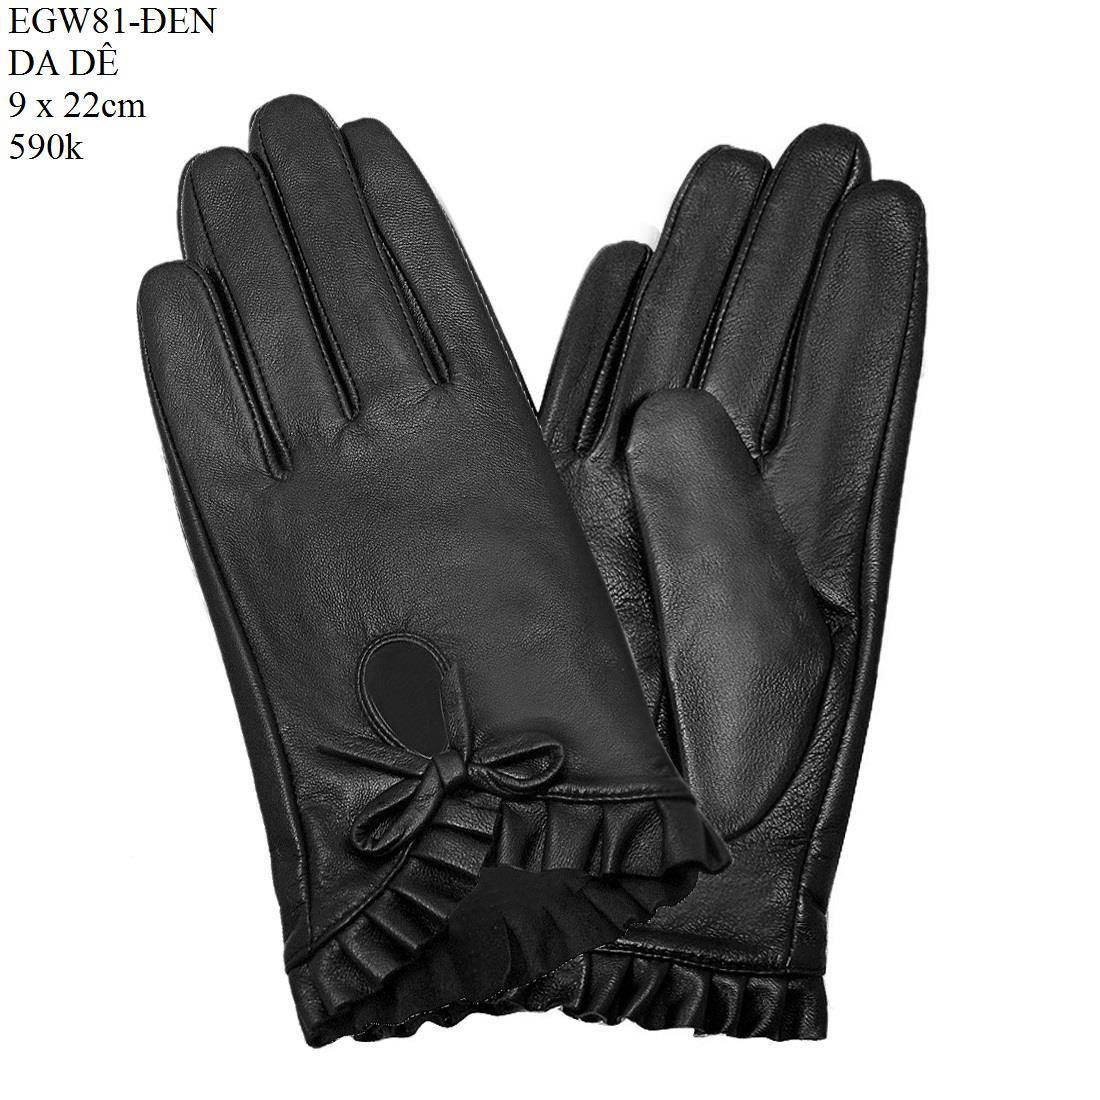 Găng tay nữ da dê thật cao cấp màu đen EGW81